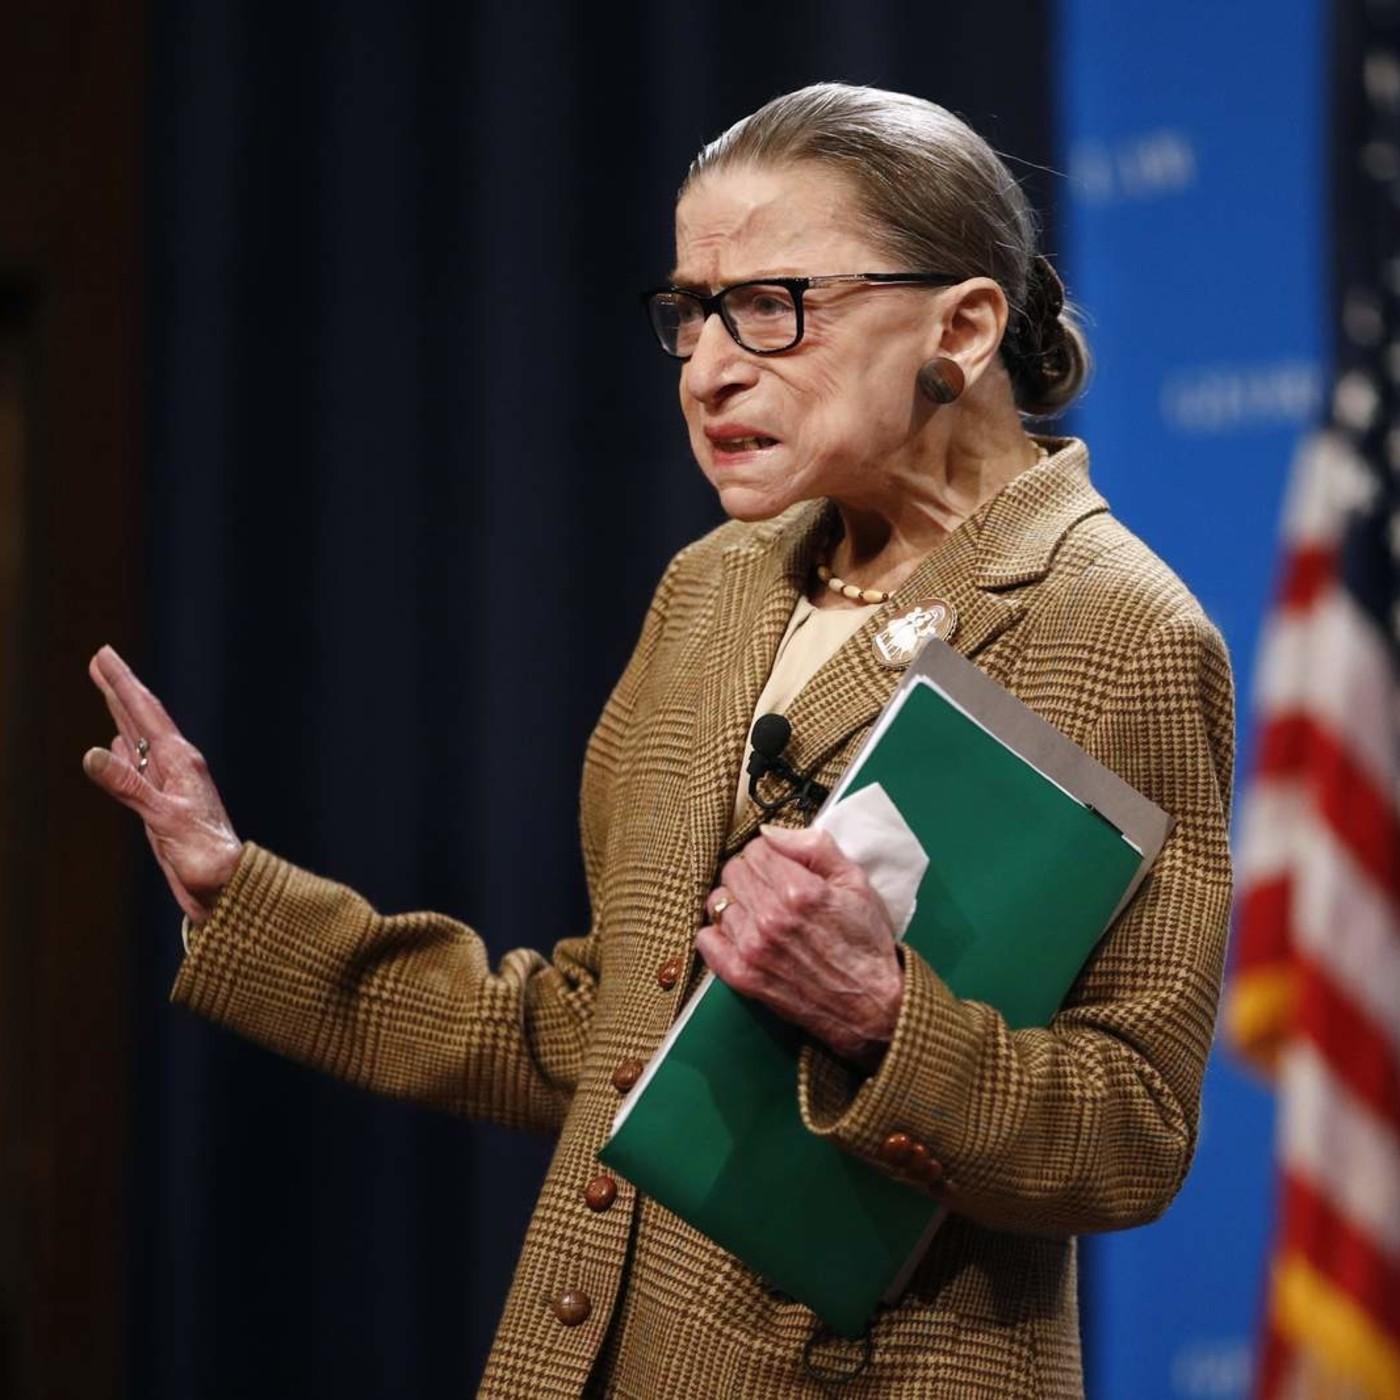 Sin personas como Ruth Bader Ginsburg, estamos más jodidas.